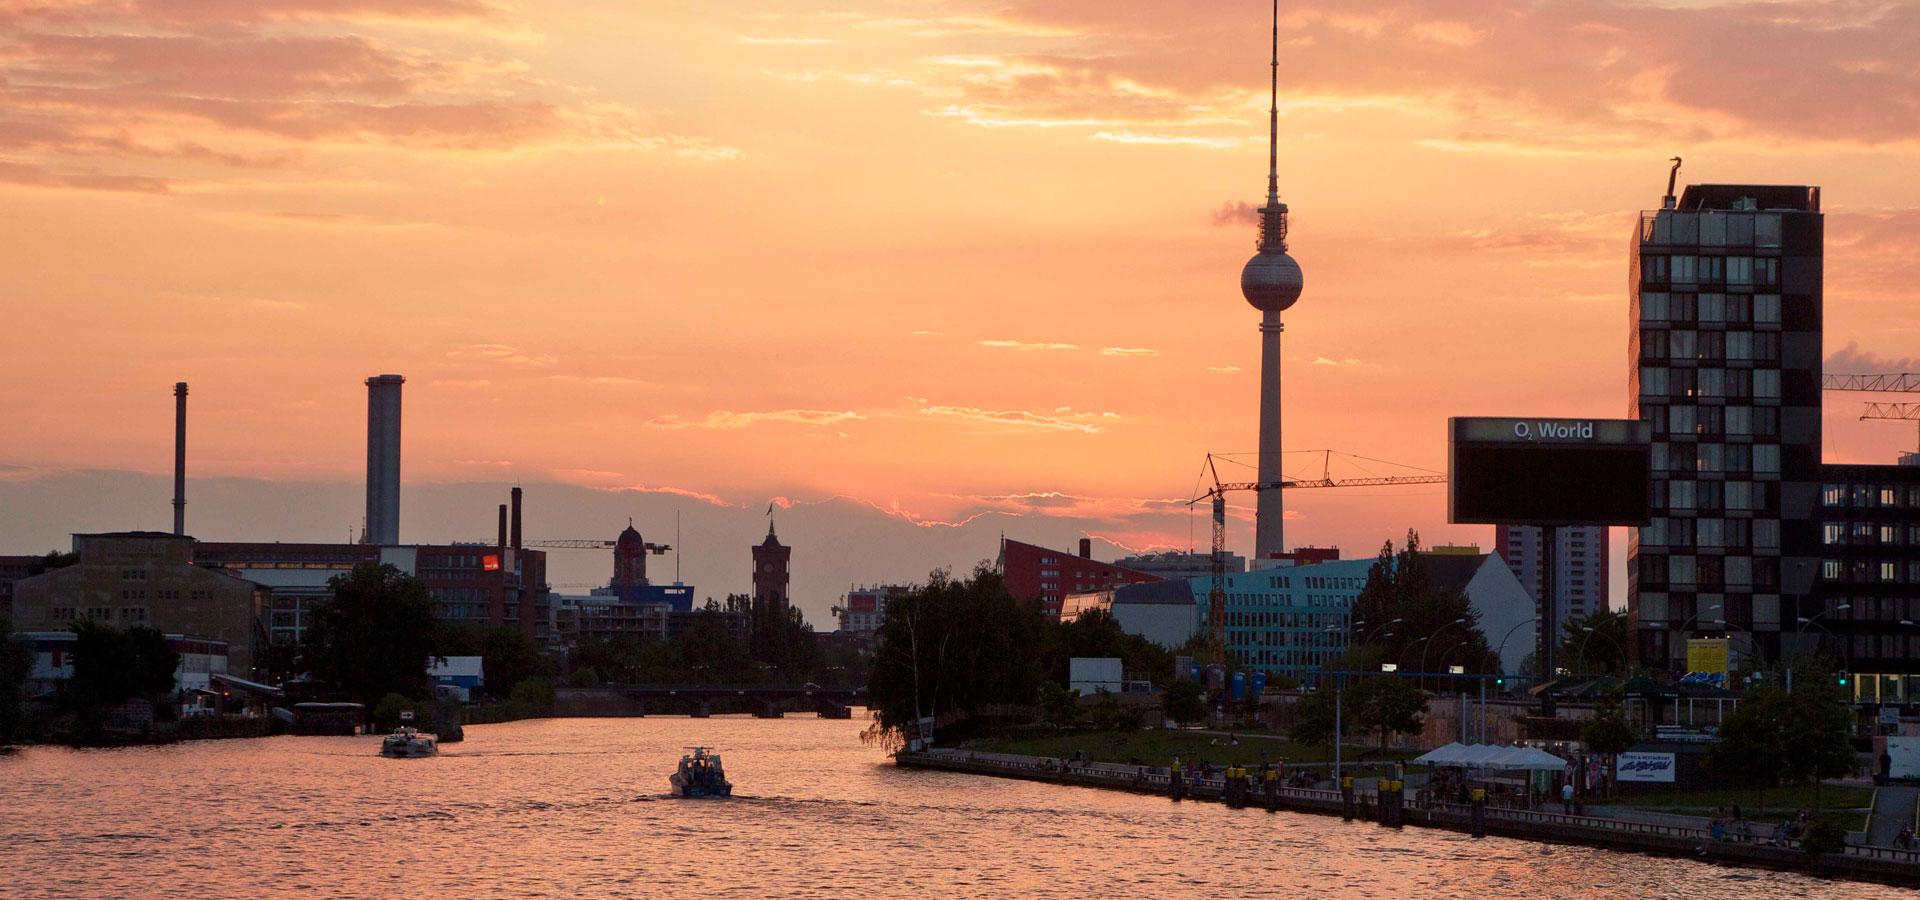 The Top 11 Best Photo Spots in Berlin